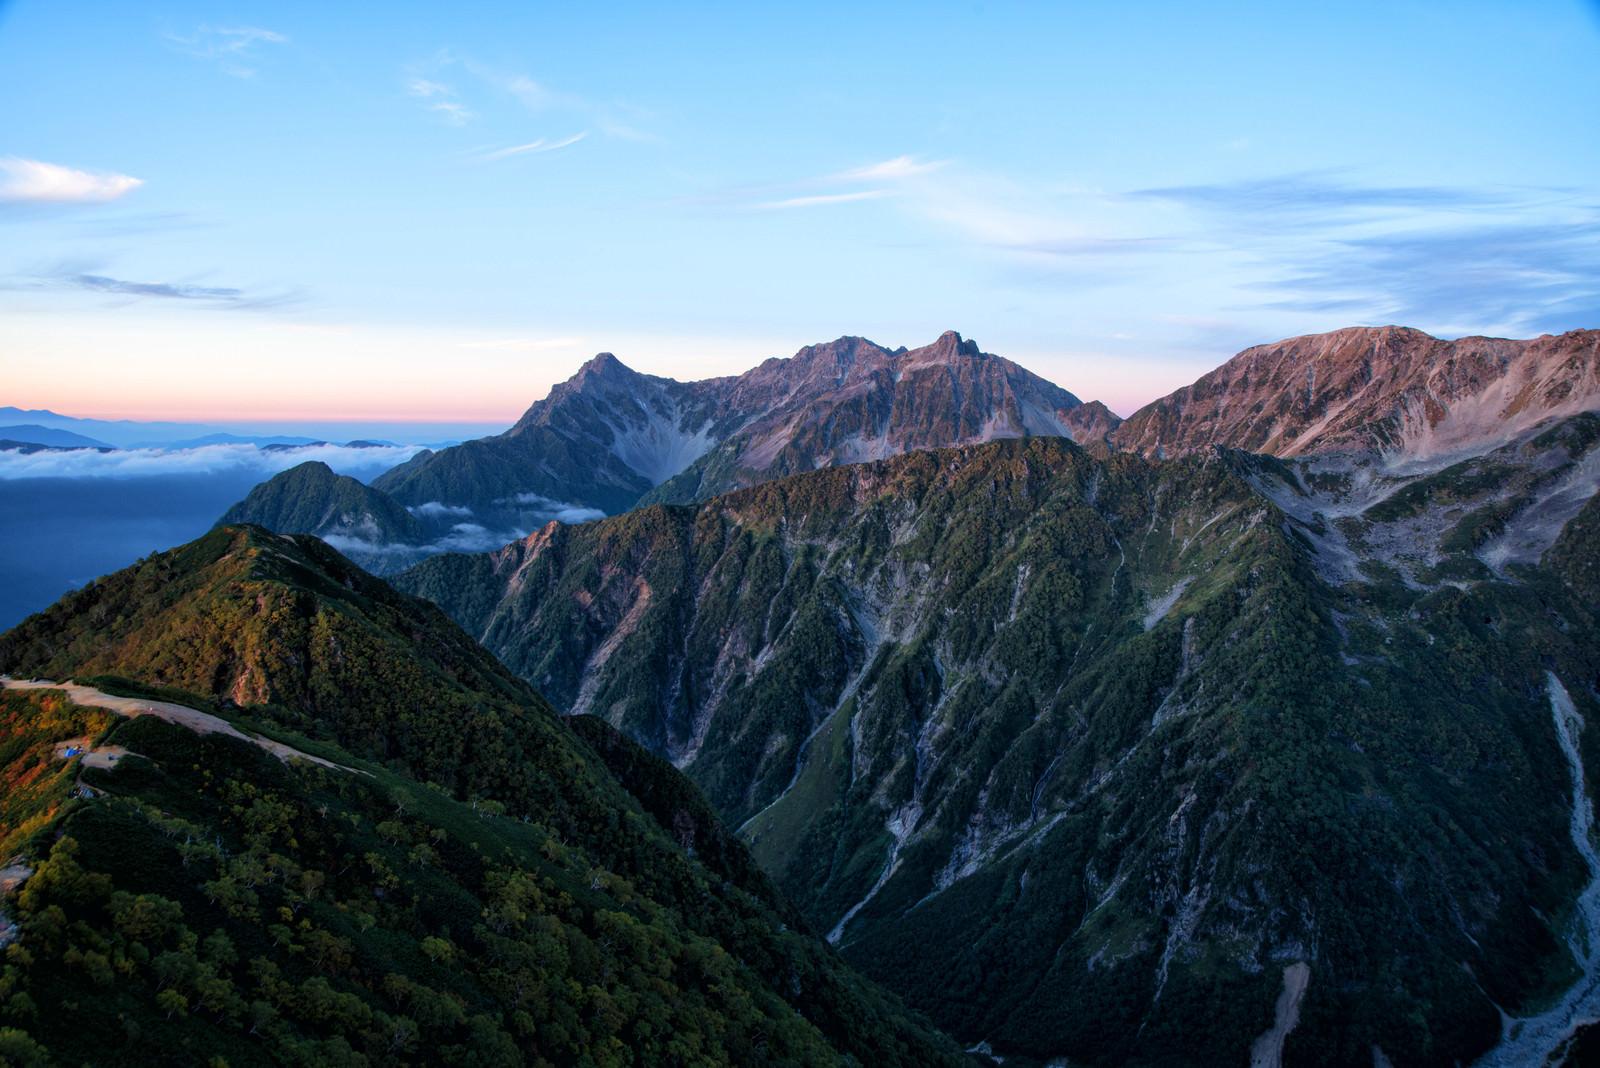 「モルゲンロートに染まる穂高連峰」の写真